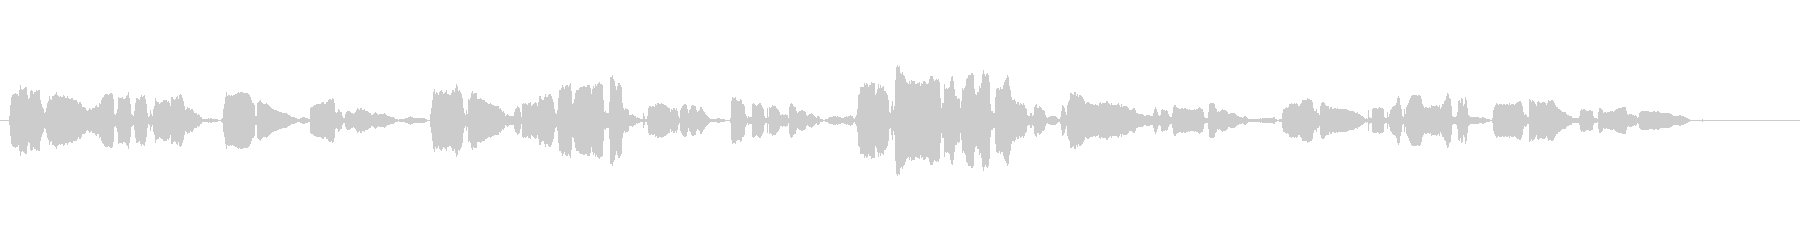 朧月夜 アカペラ ハスキーで繊細な歌声の未再生の波形